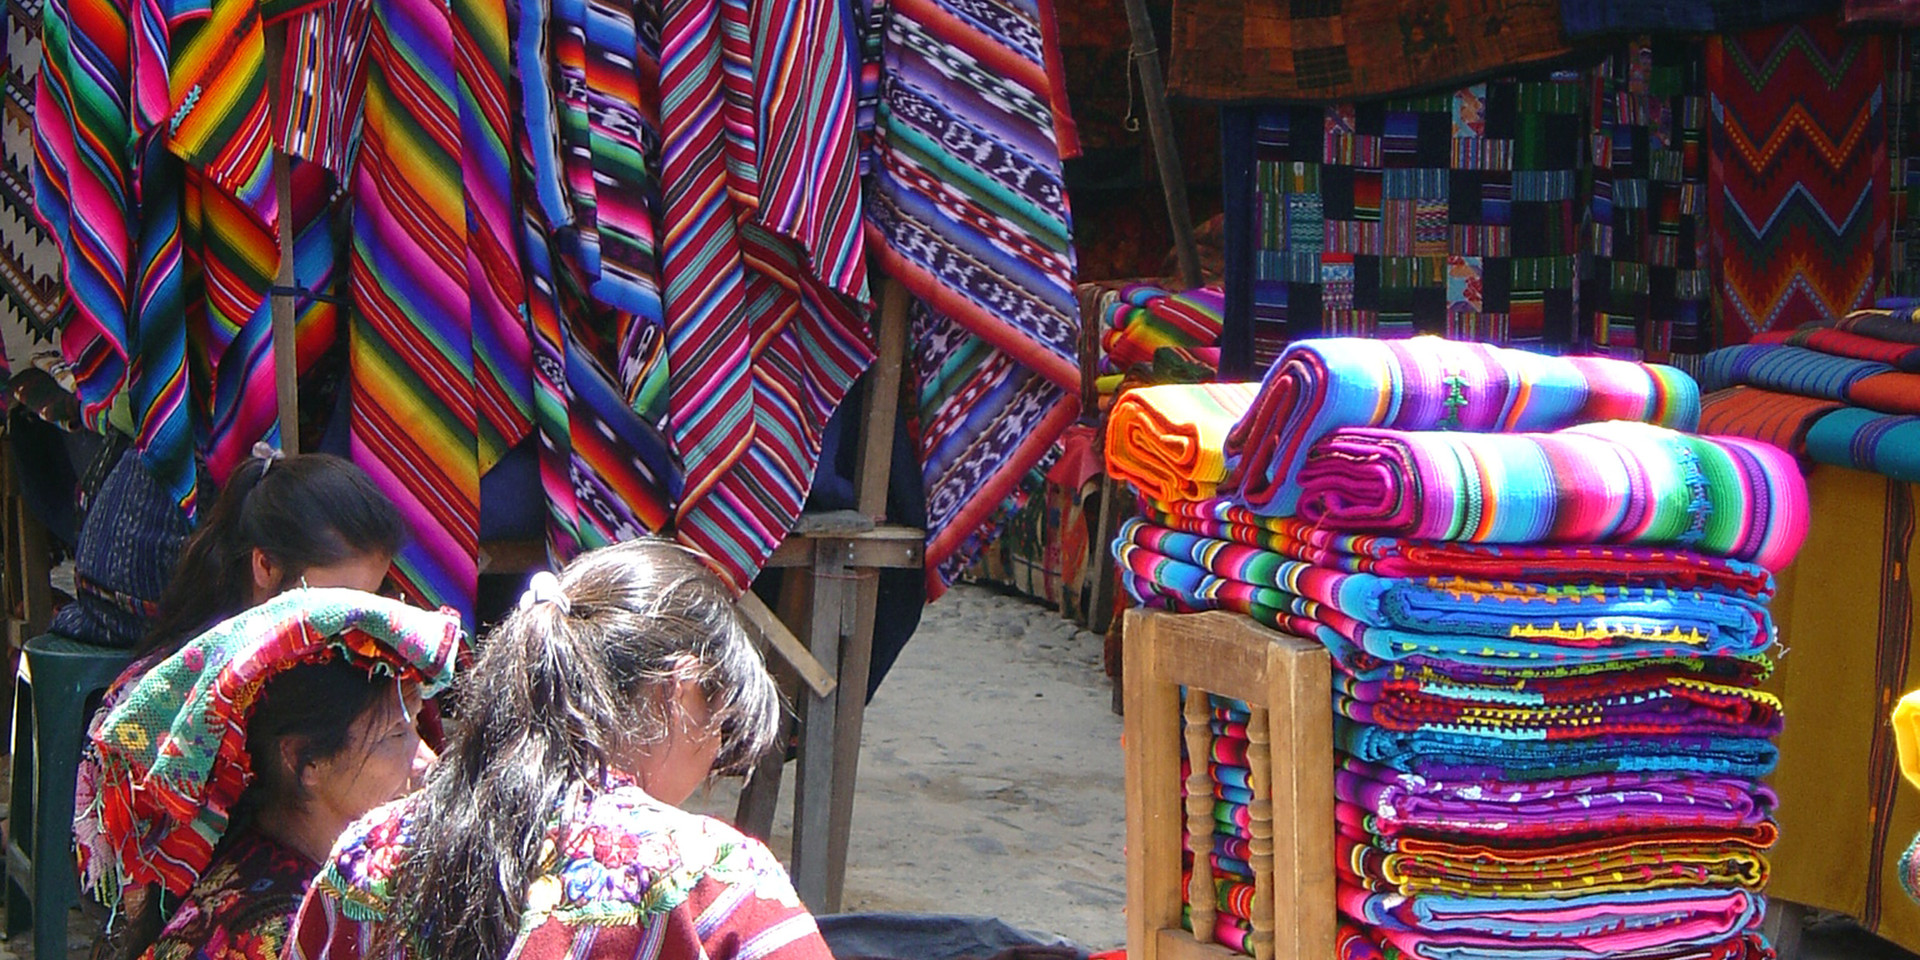 Mayan textiles